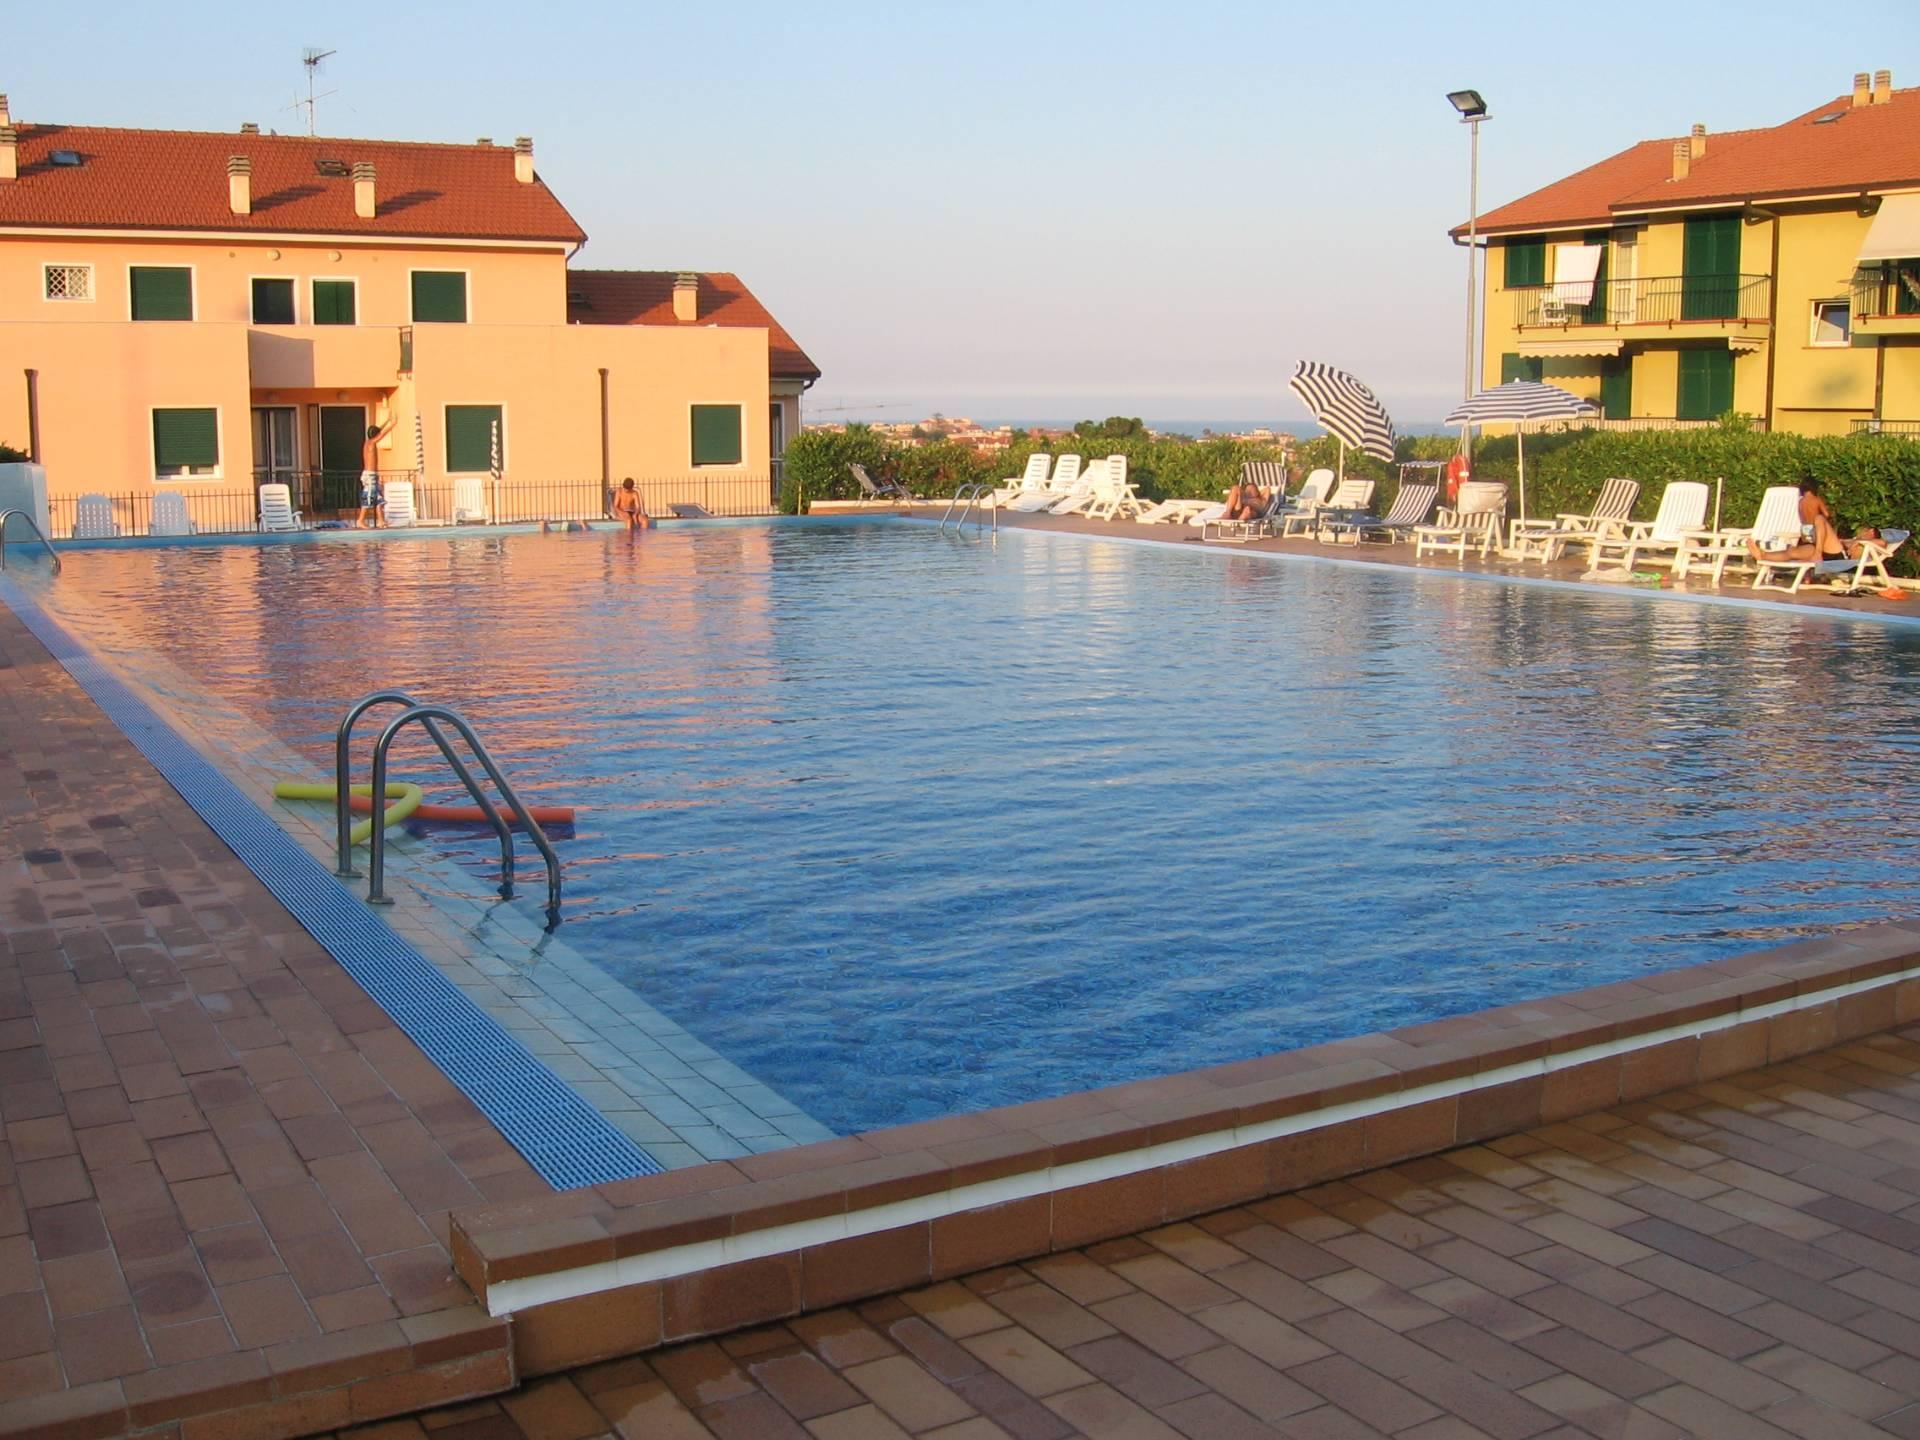 Appartamento in vendita a Diano Castello, 1 locali, prezzo € 145.000 | CambioCasa.it